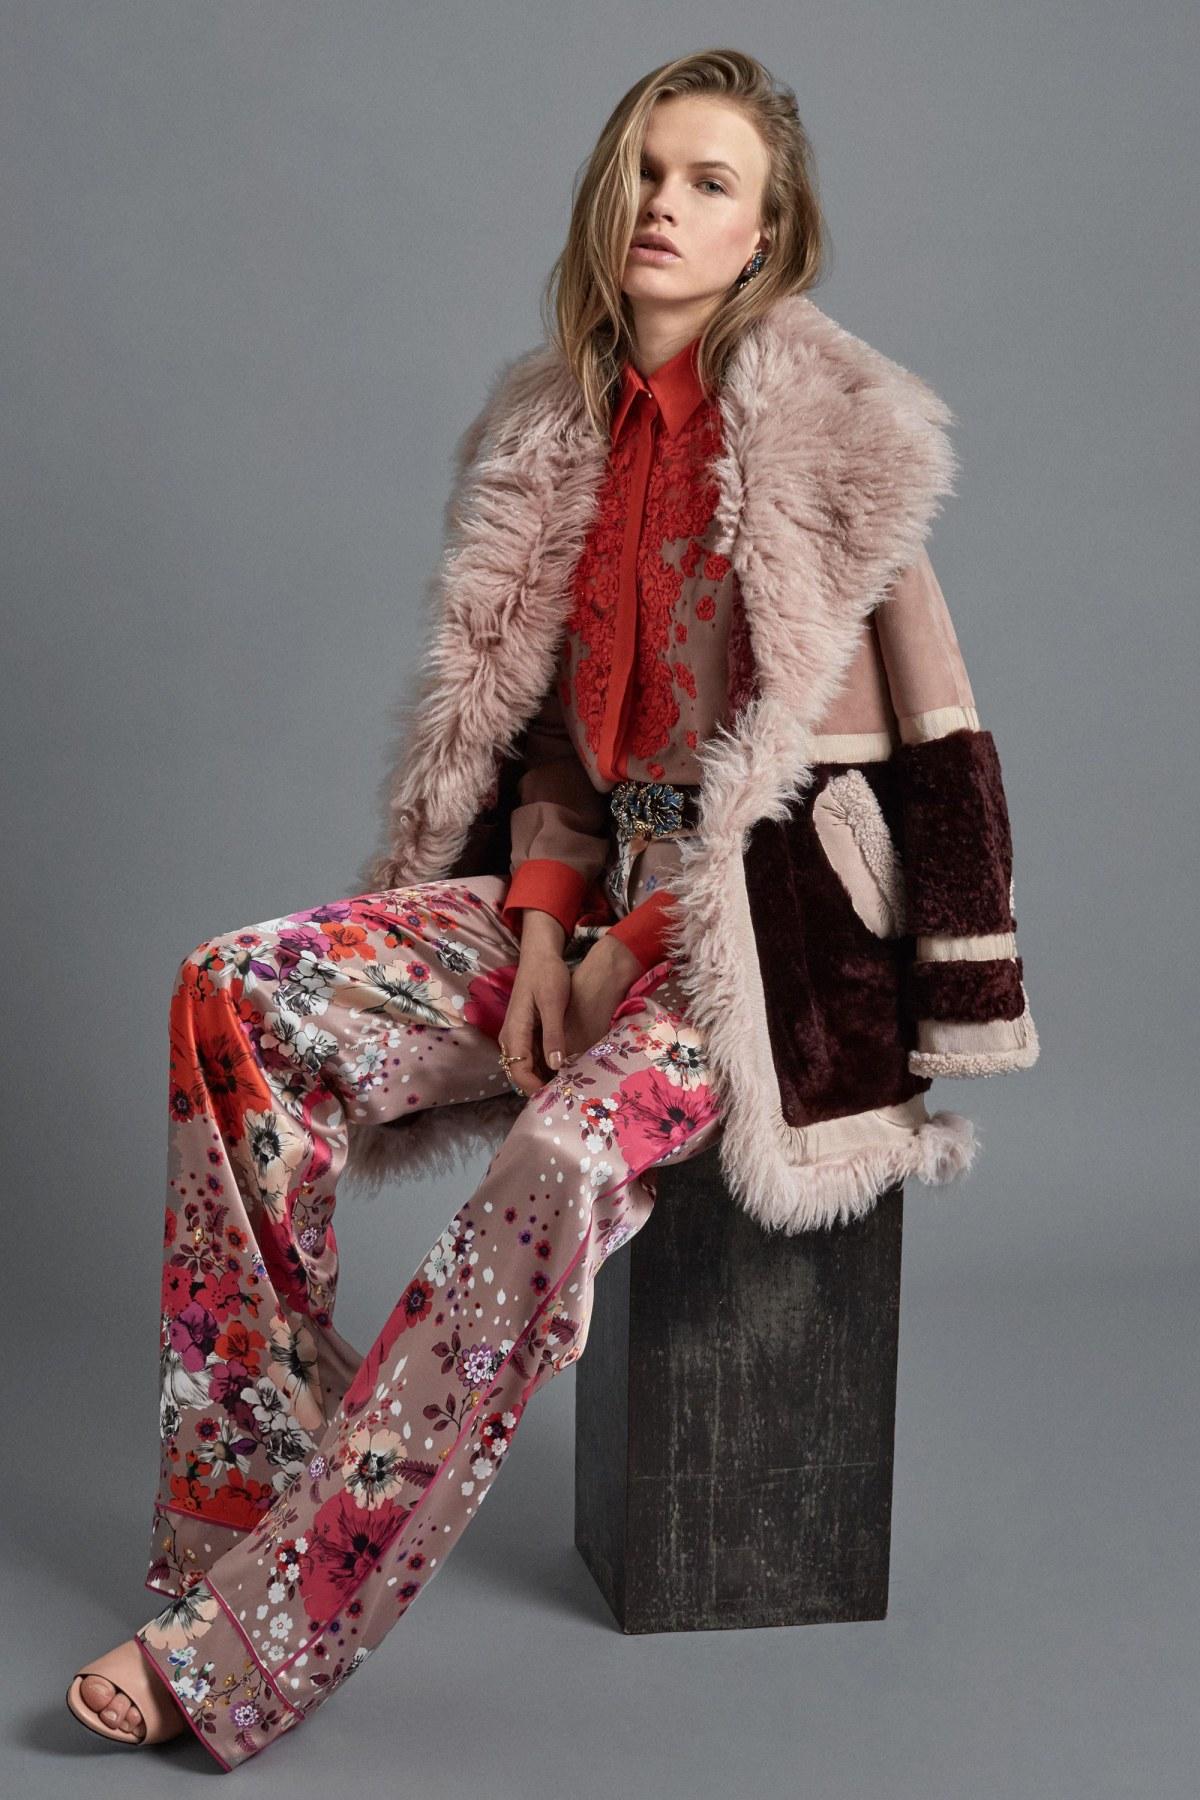 roberto-cavalli-pre-fall-2017-fashion-show-the-impression-13